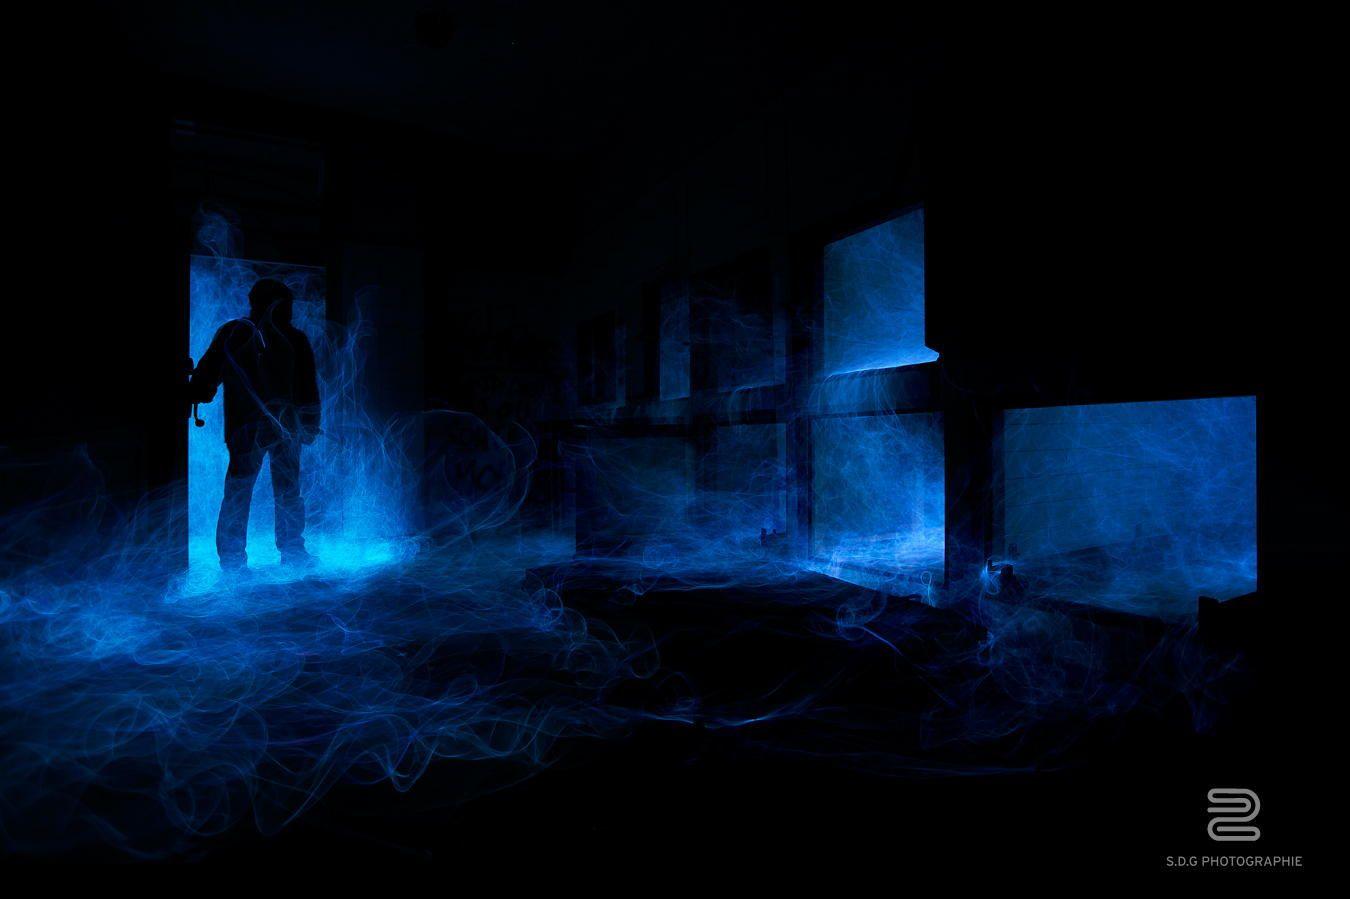 """Vous faites quoi vous le samedi soir? Moi ce week end c'était exploration urbaine et test de lightpainting dans un ancien sanatorium abandonné. Cette photo a été réalisé dans les sous sol du bâtiment, dans une ancienne morgue plus précisément.   Le rendu de cette """"fumée bleue"""" m'a donné une impression de vague de froid qui entre dans la pièce au niveau de la silhouette, quand a la fumée des anciens tiroirs, on a comme l'impression d'esprits qui cherche a s'échapper."""